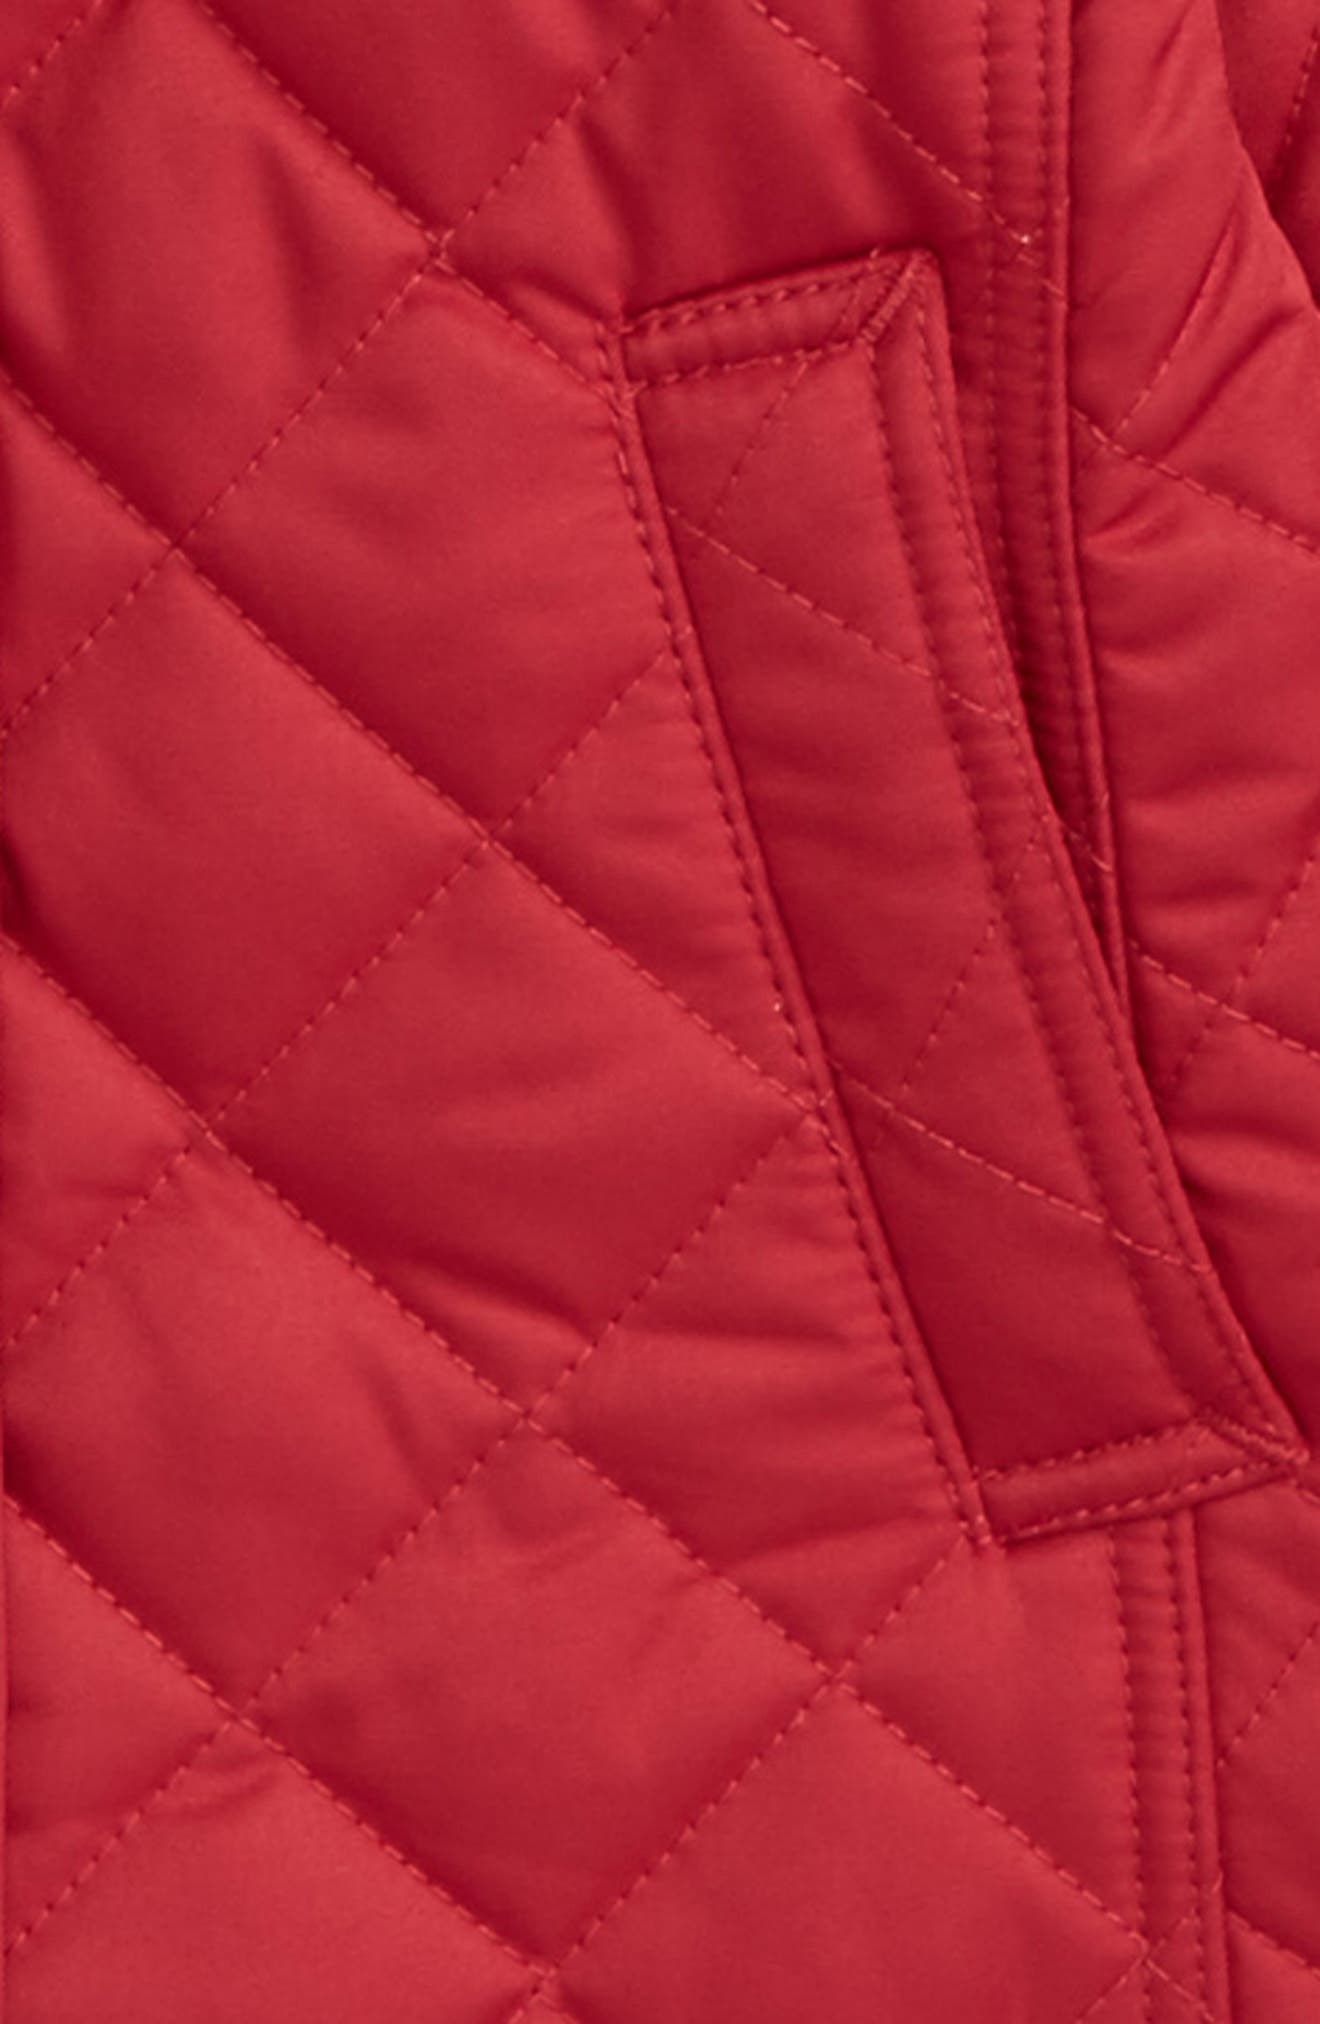 Mini Ashurst Diamond Quilted Jacket,                             Alternate thumbnail 2, color,                             655